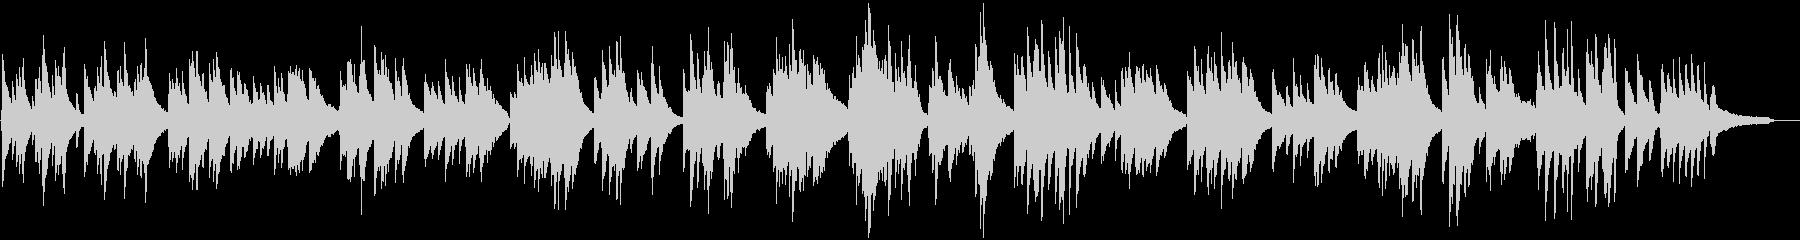 シンプルな日本のメロディーのピアノワルツの未再生の波形